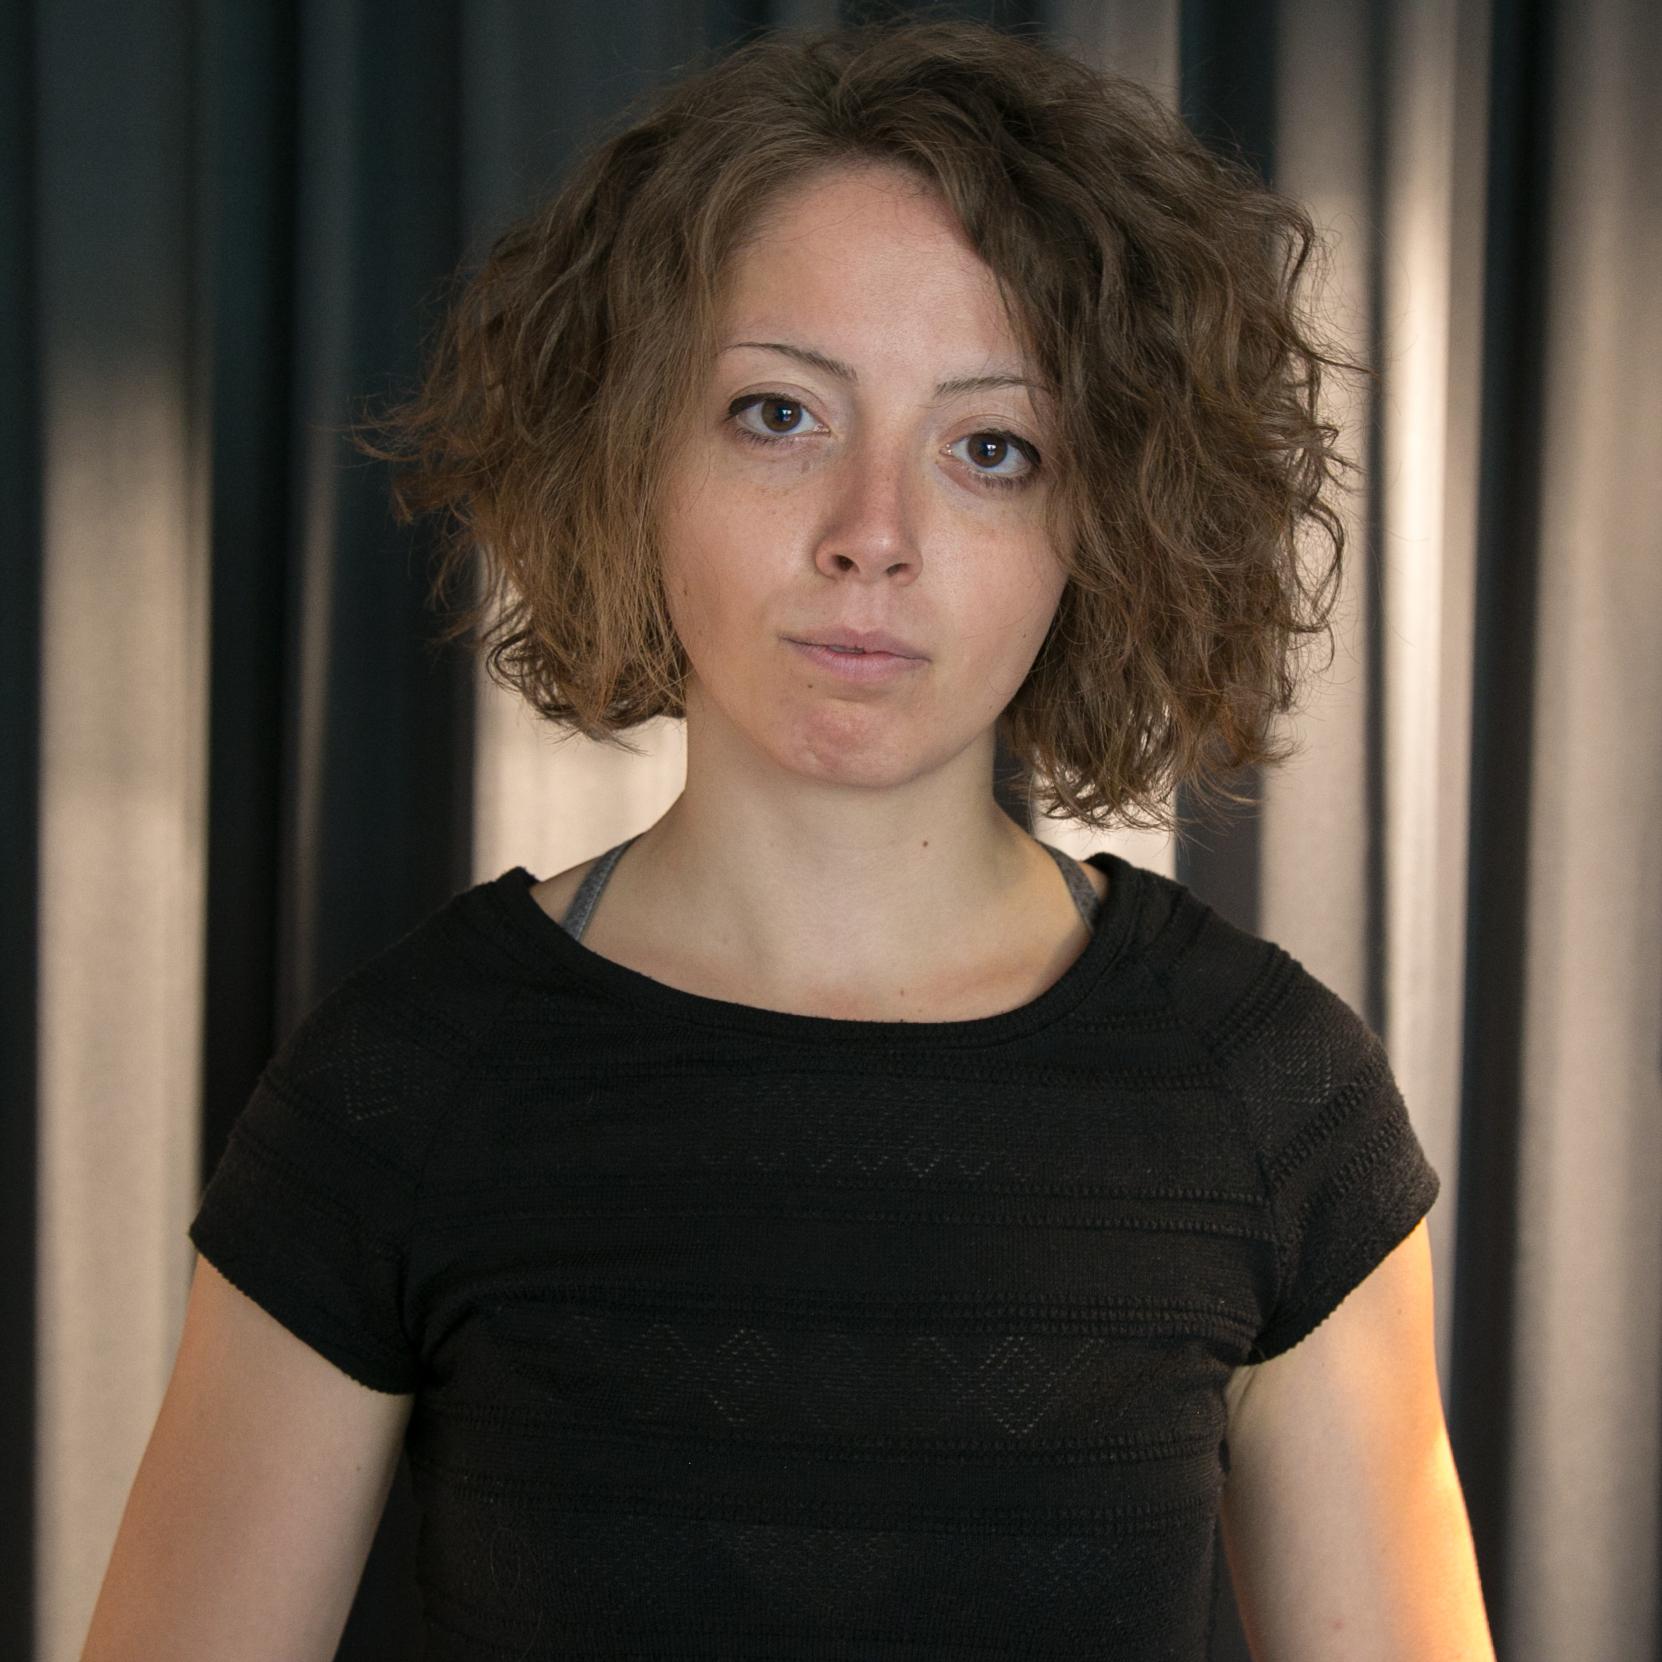 Kameraassistenz - Annachiara Gislimberti